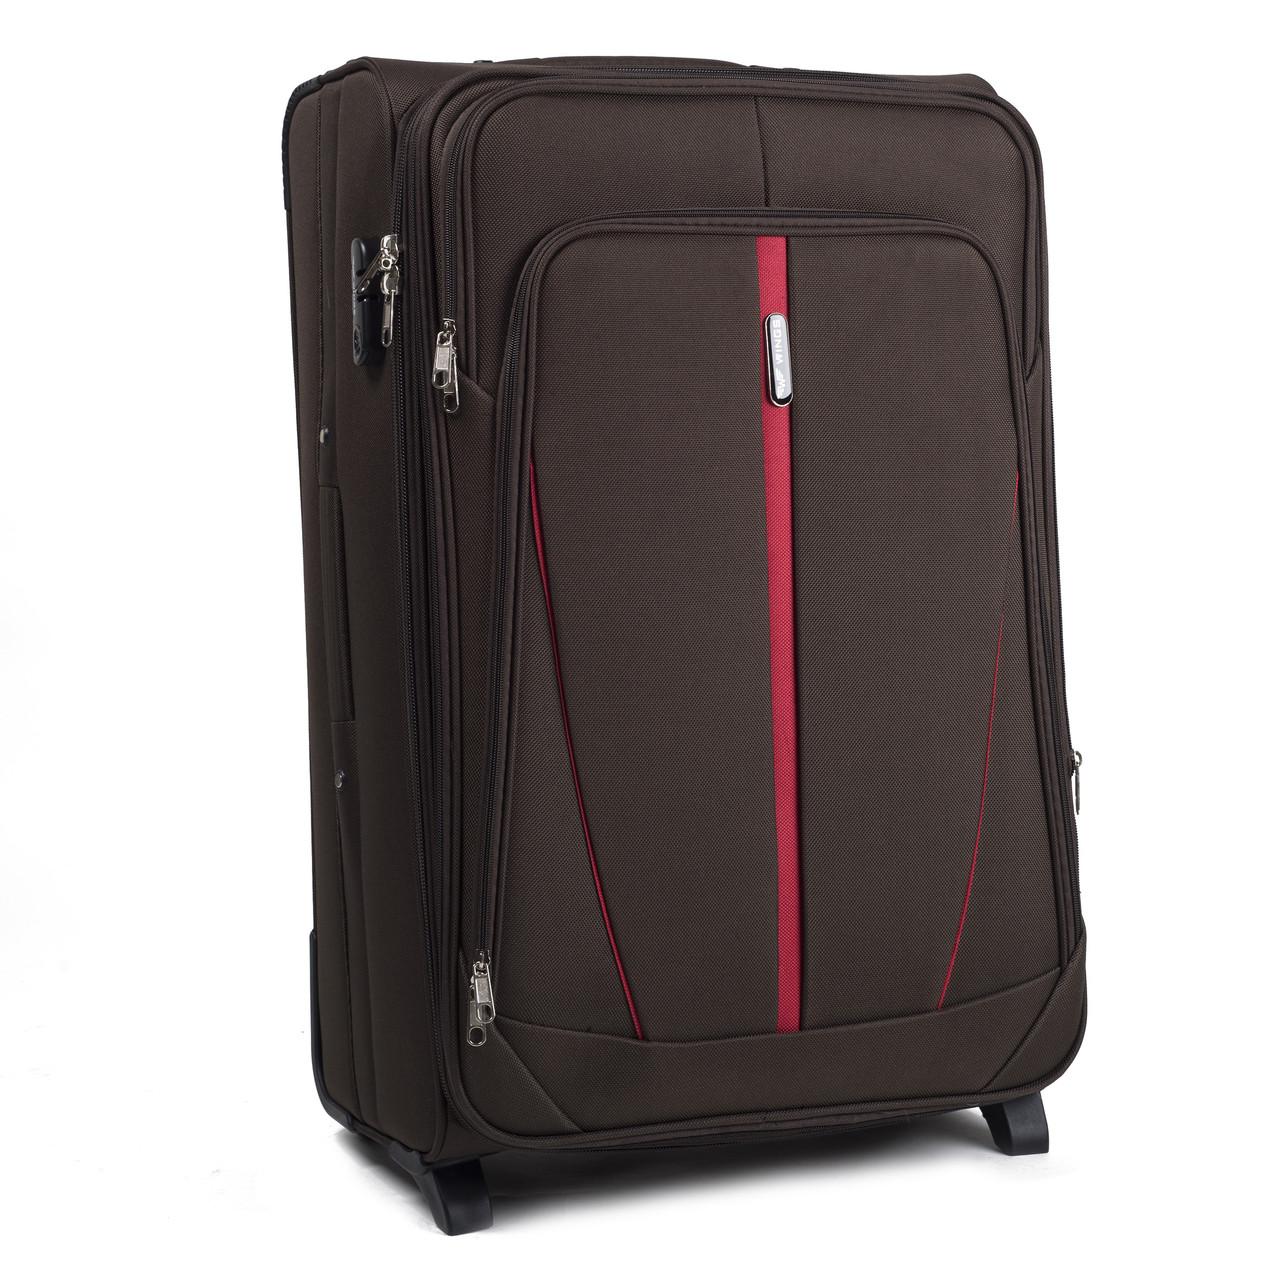 Большой тканевый чемодан Wings 1706 на 2 колесах коричневый, фото 1